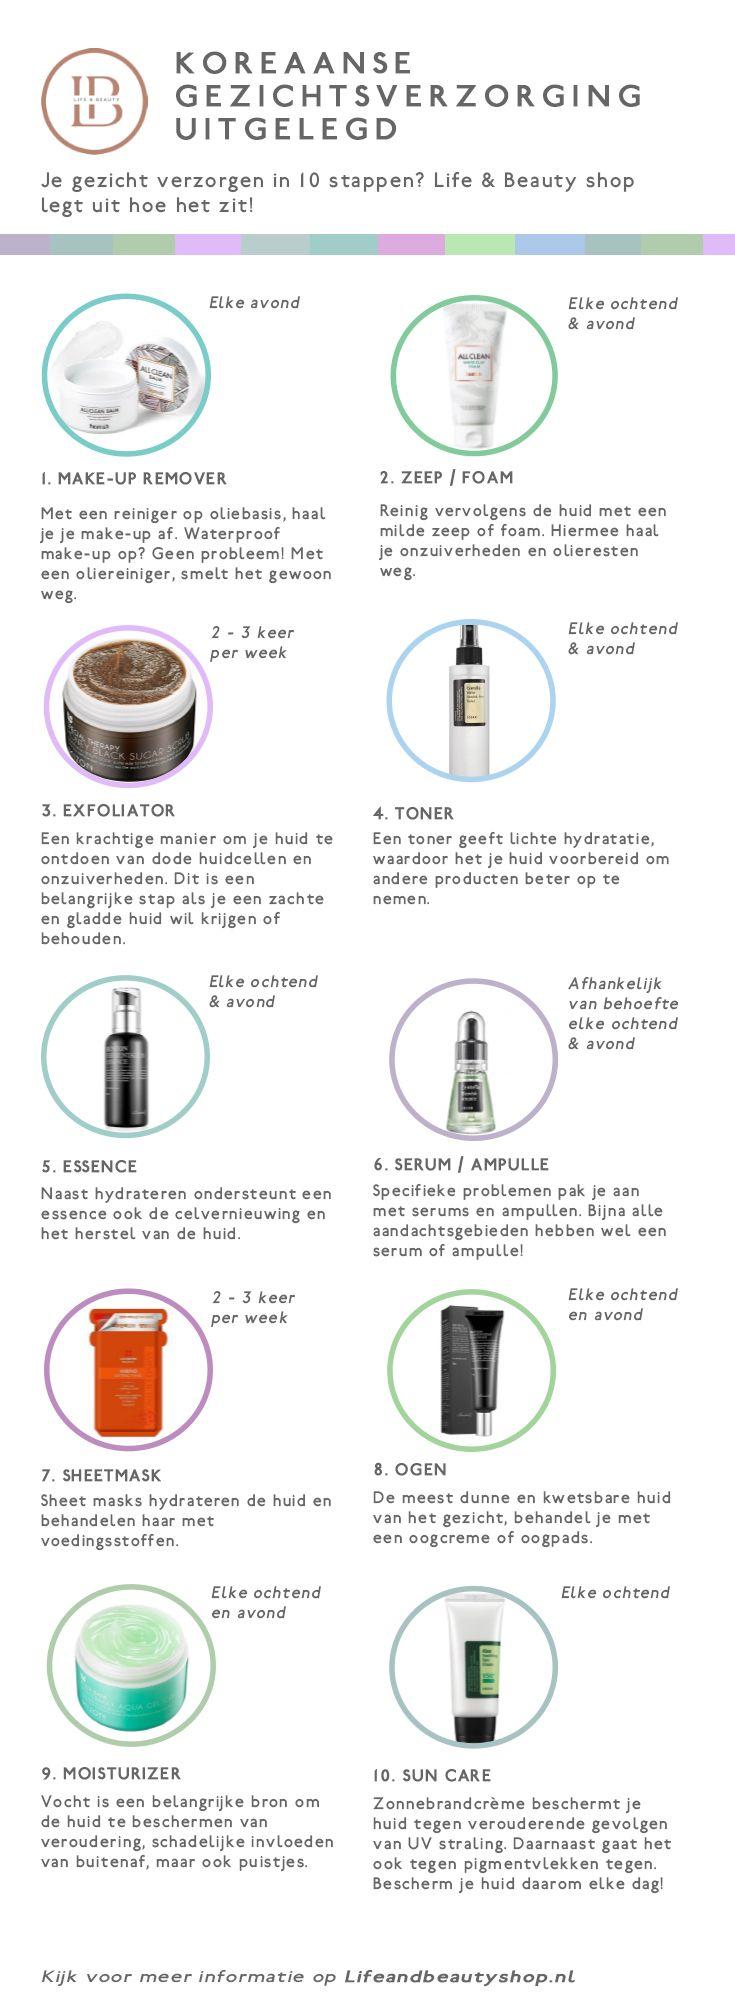 De 10-staps Koreaanse huidverzorging uitgelegd door Life and Beauty shop: alles wat je altijd al hebt willen weten! #lifeandbeautyshop